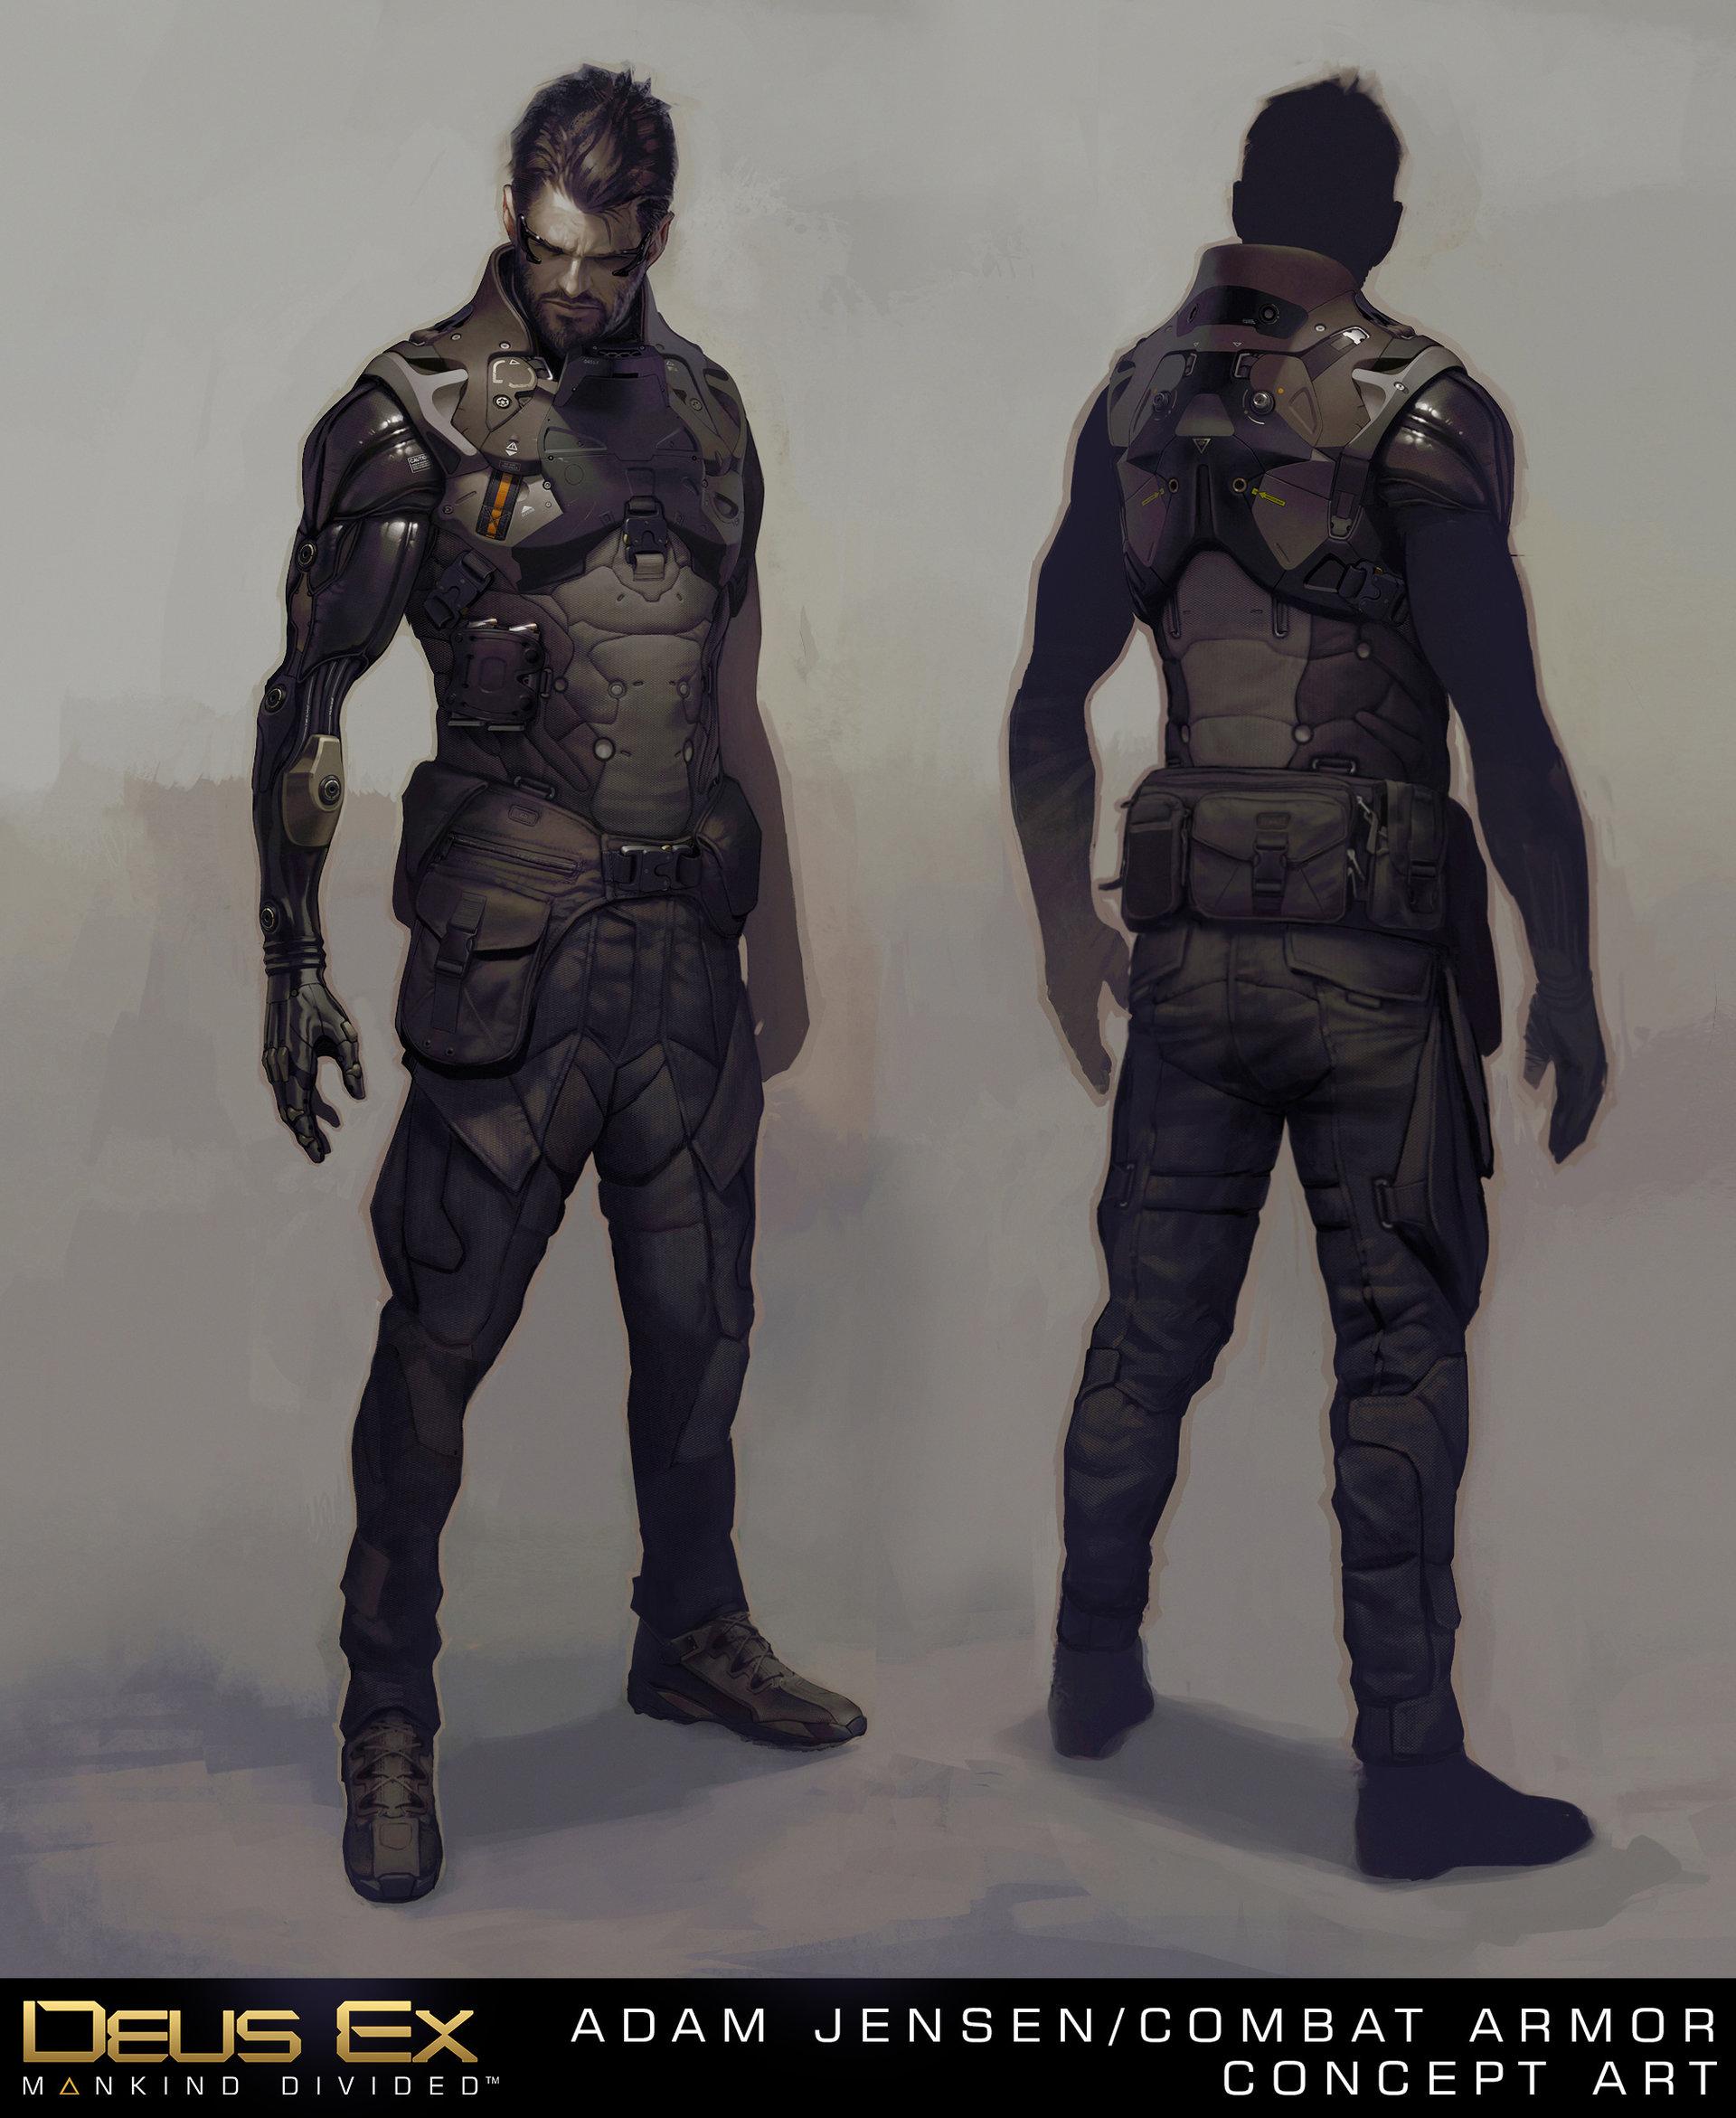 Deus Ex: Mankind Divided концепт арт Адам combat armor